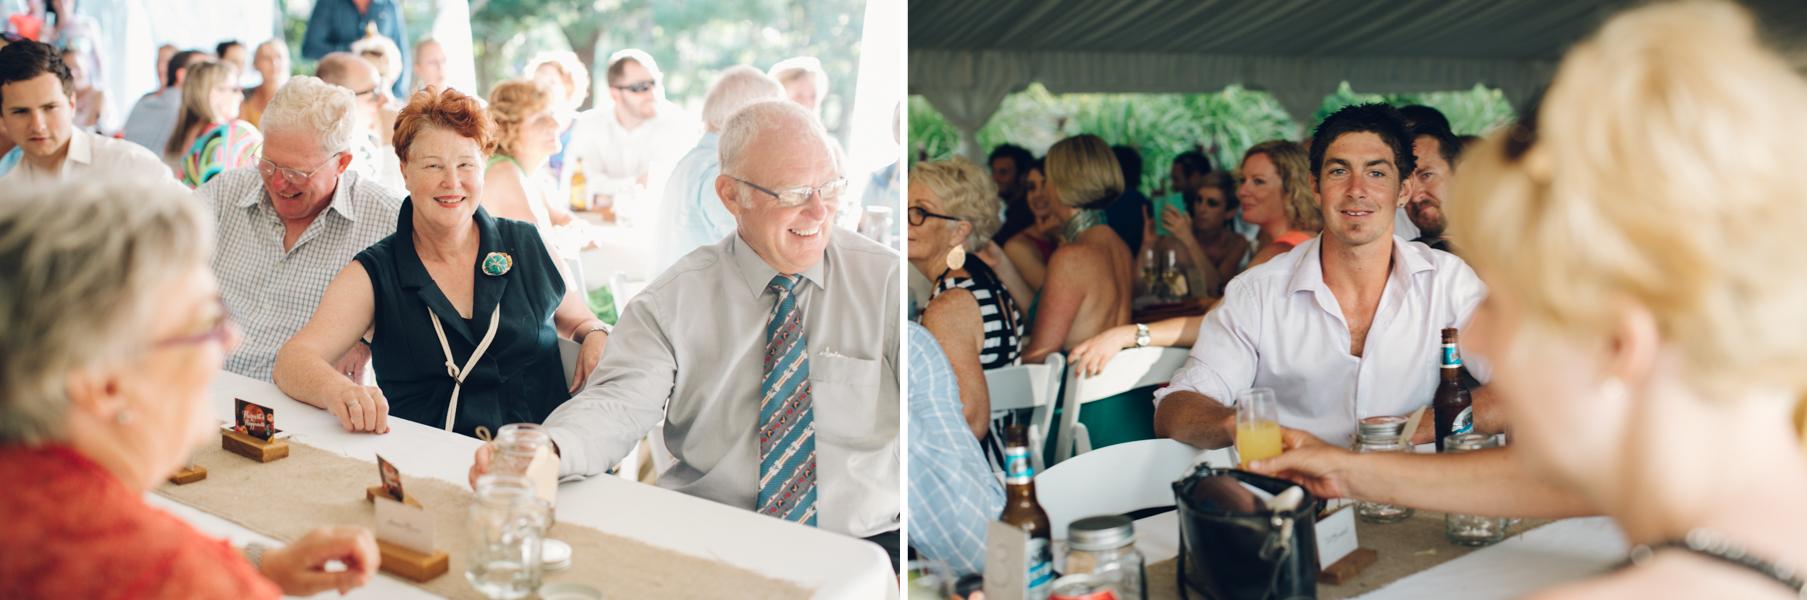 Erin & Craig Byron Bay Wedding Photography 32.jpg